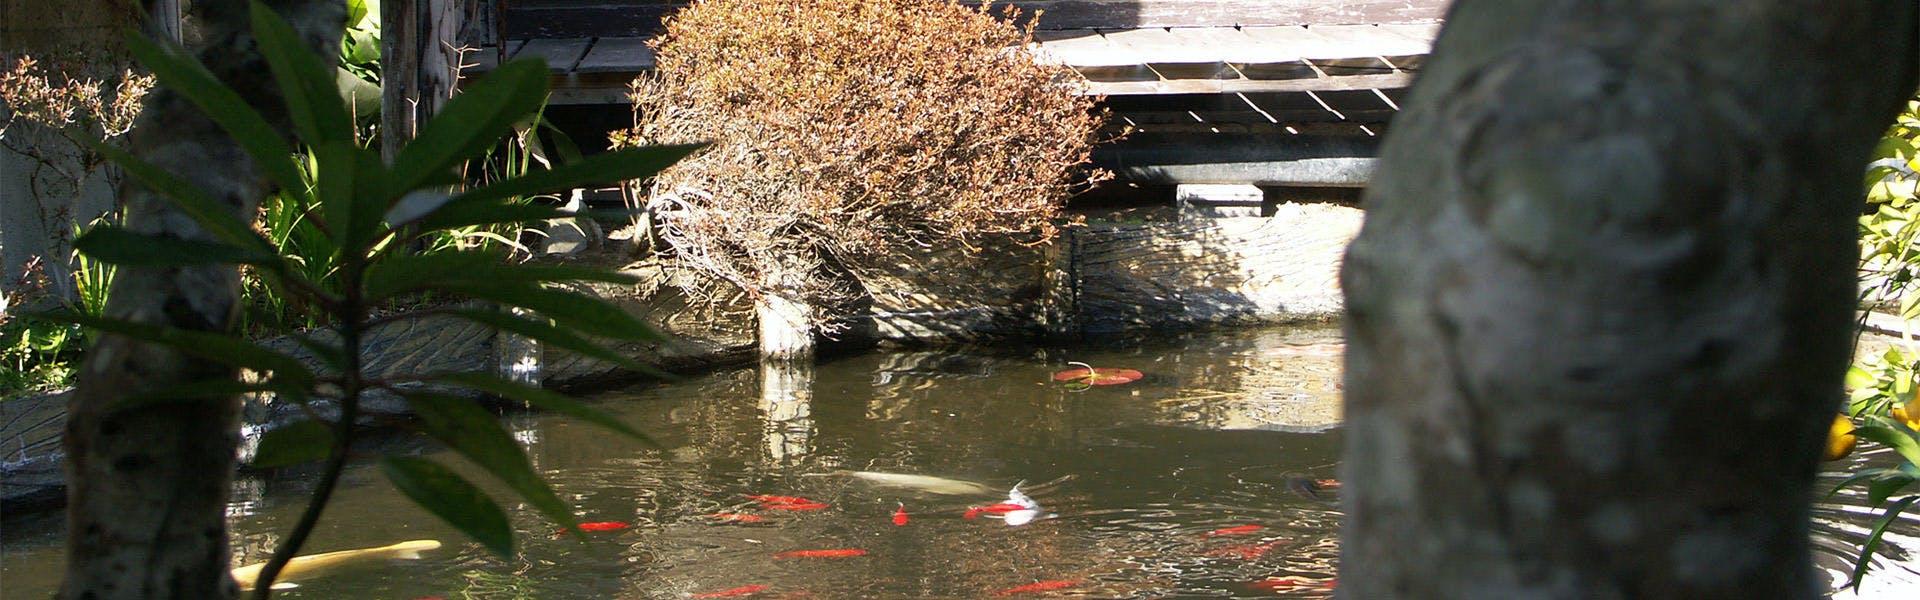 記念日におすすめのホテル・離れ家 石田屋の写真3